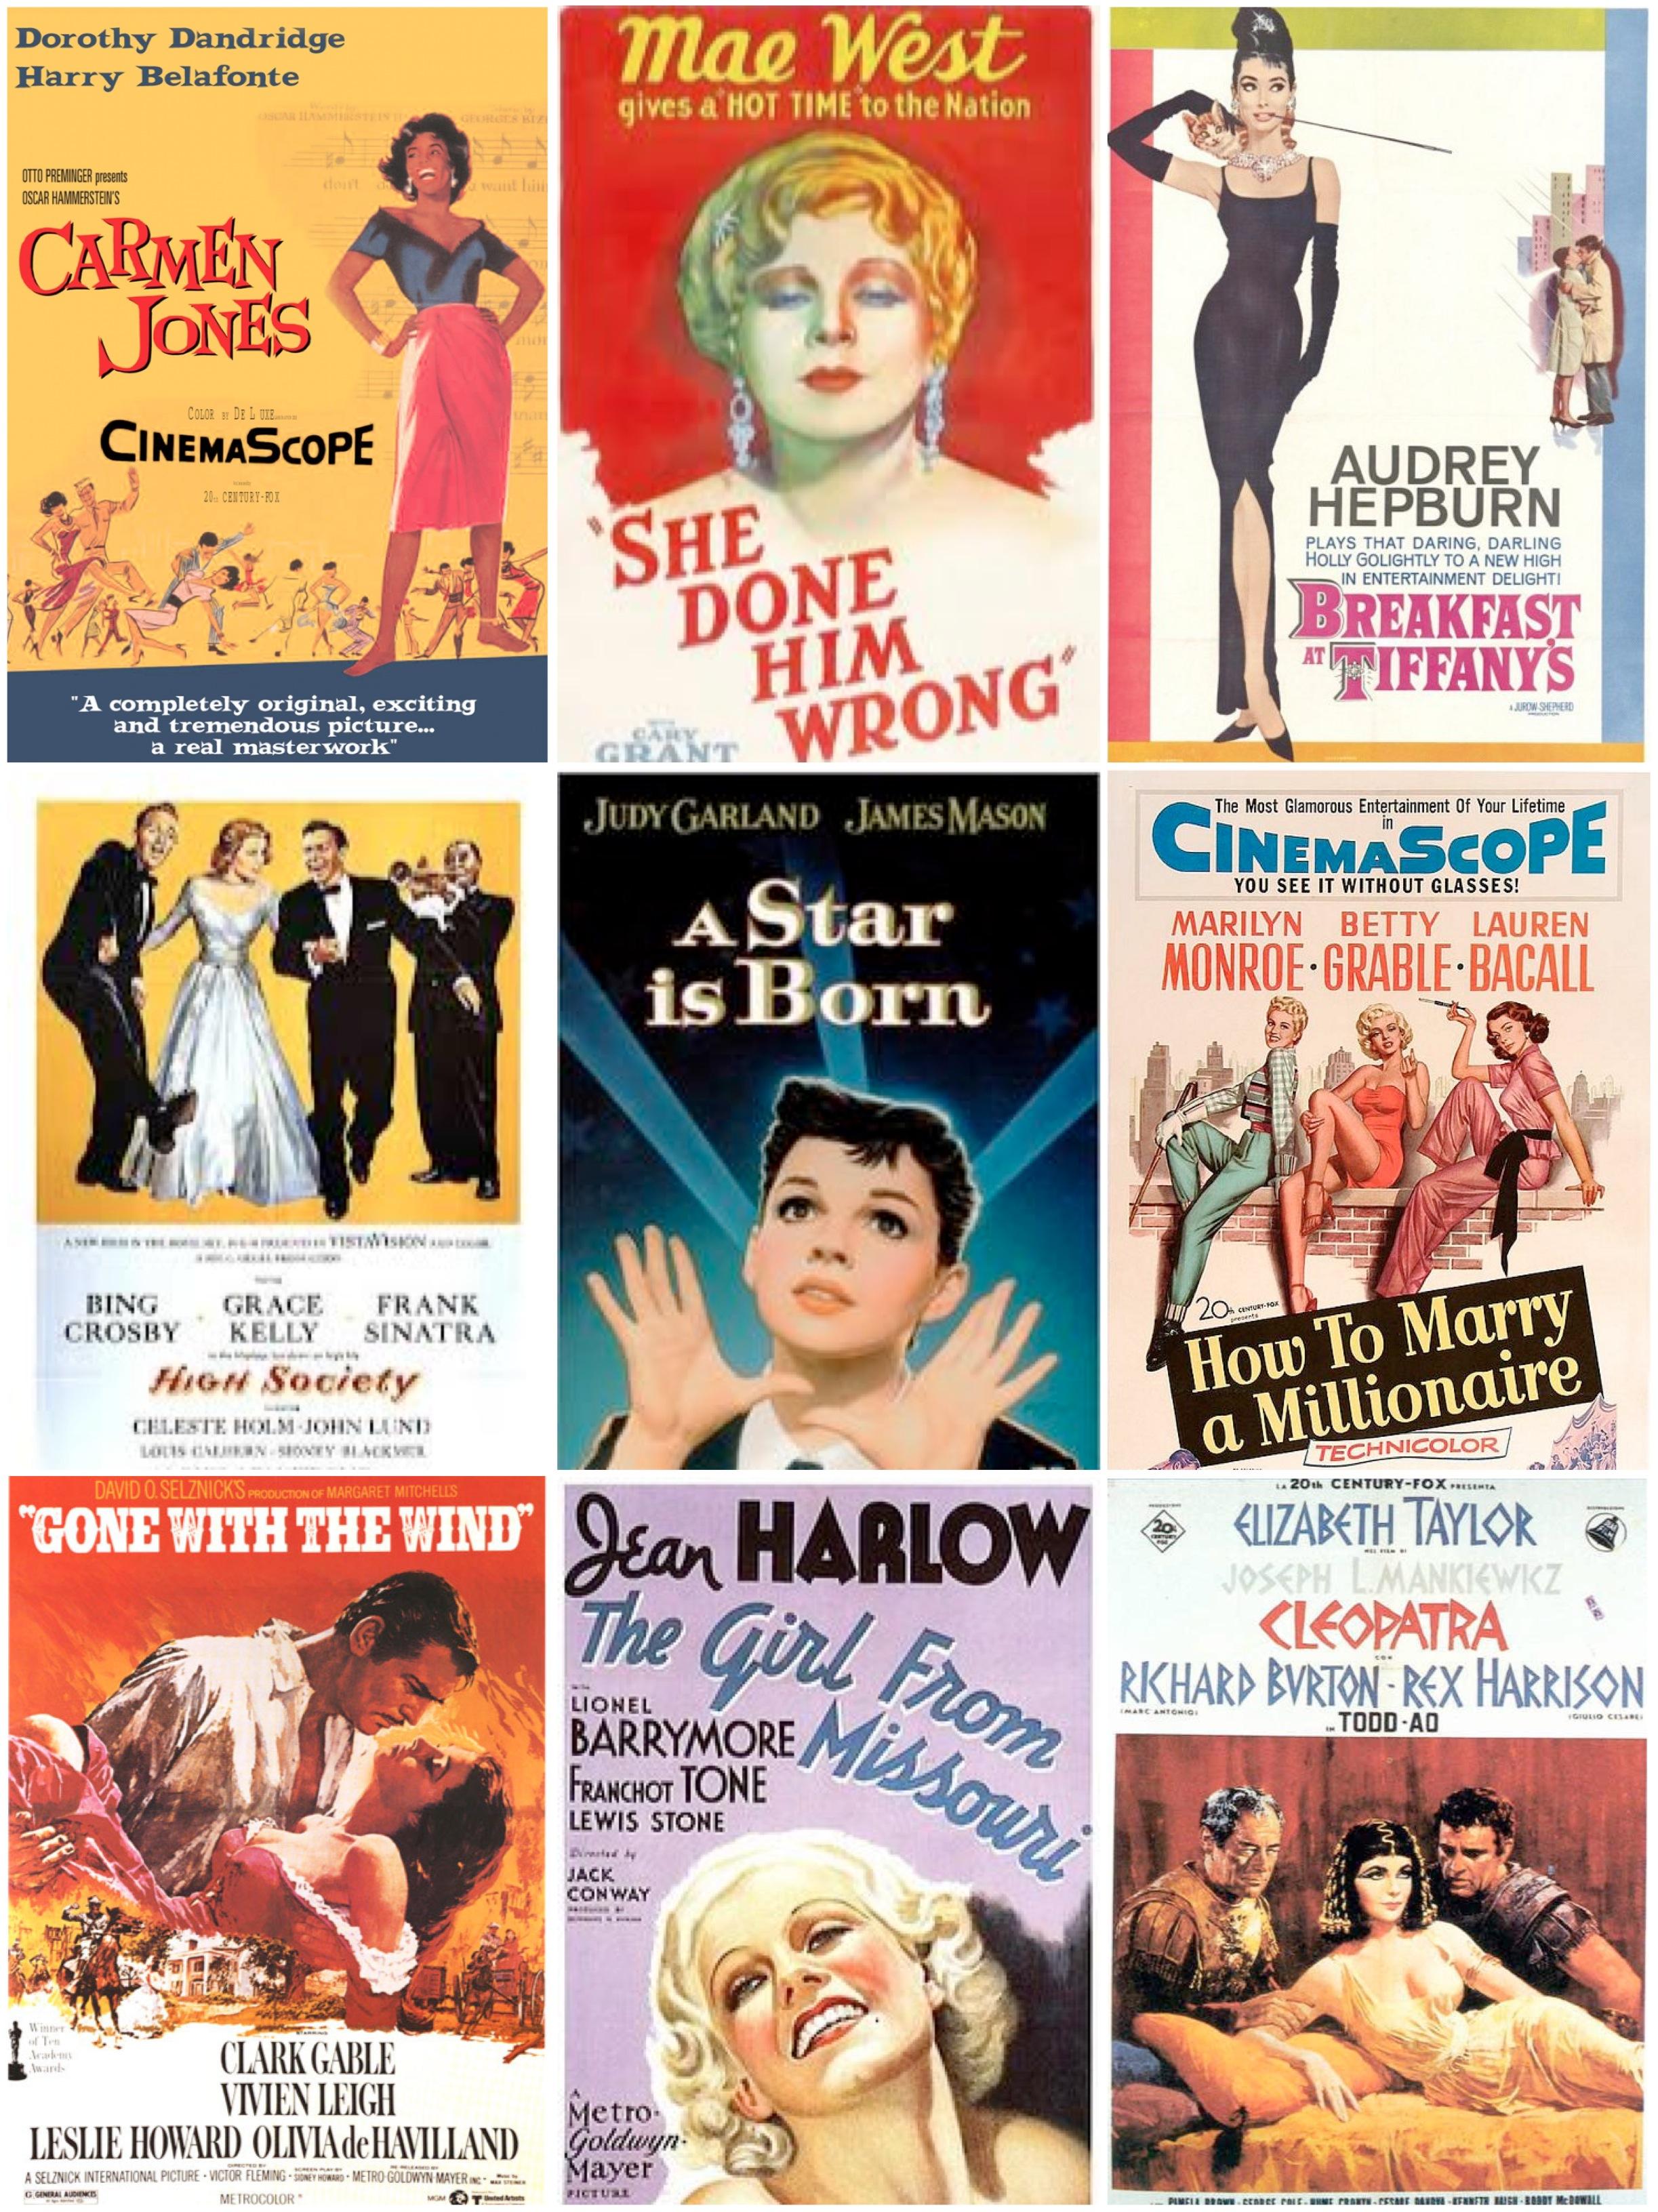 in vintage movies jpg 422x640